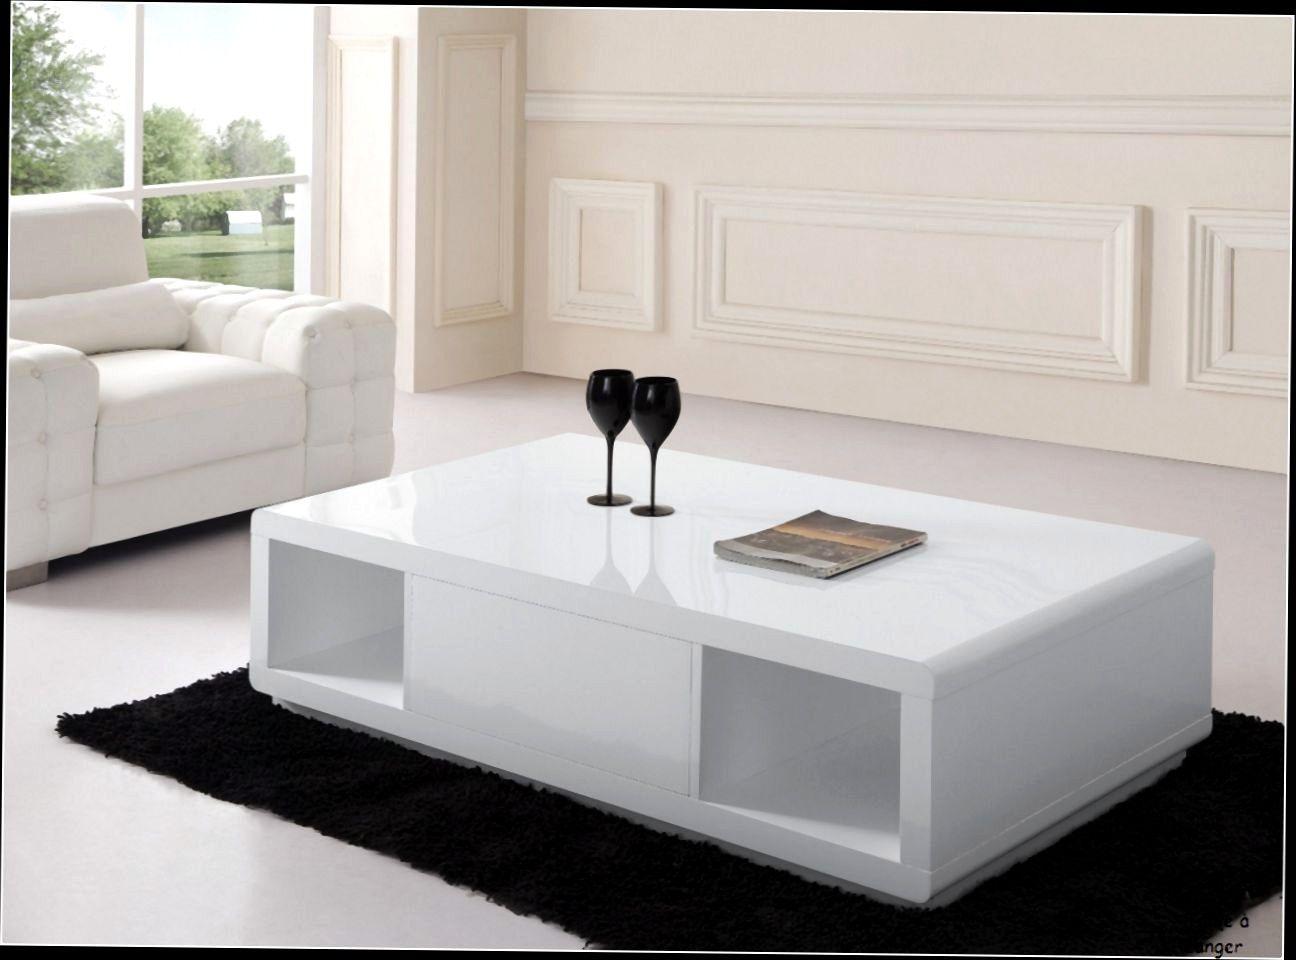 Table De Salon Moderne Avec Tiroir Blance Et Bois  Table de salon